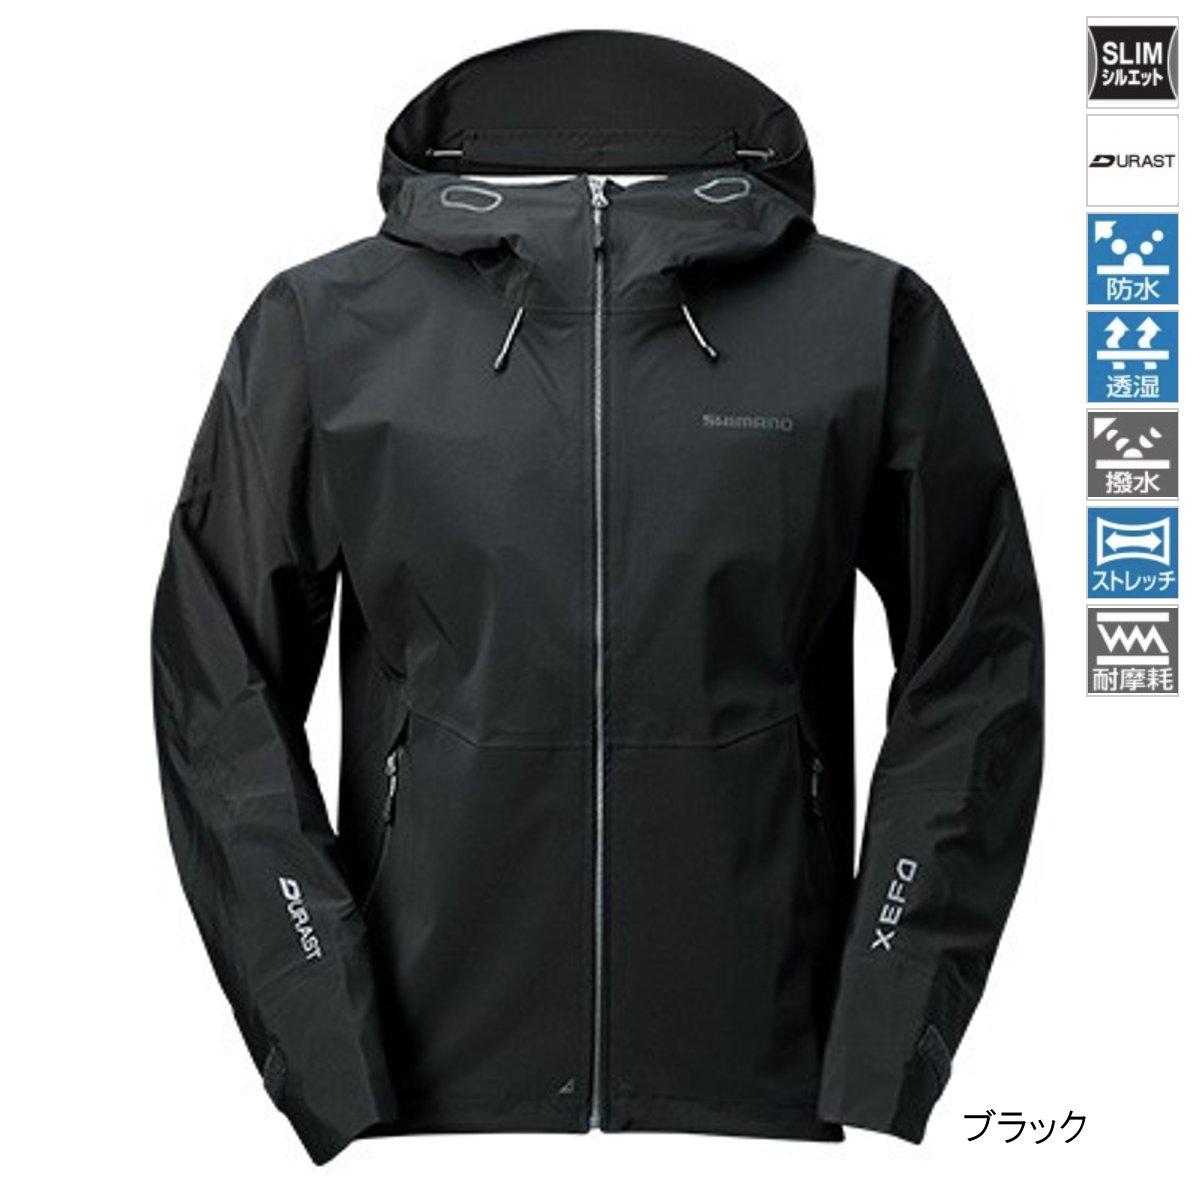 シマノ XEFO・DURAST レインジャケット RA-22JS M ブラック【送料無料】